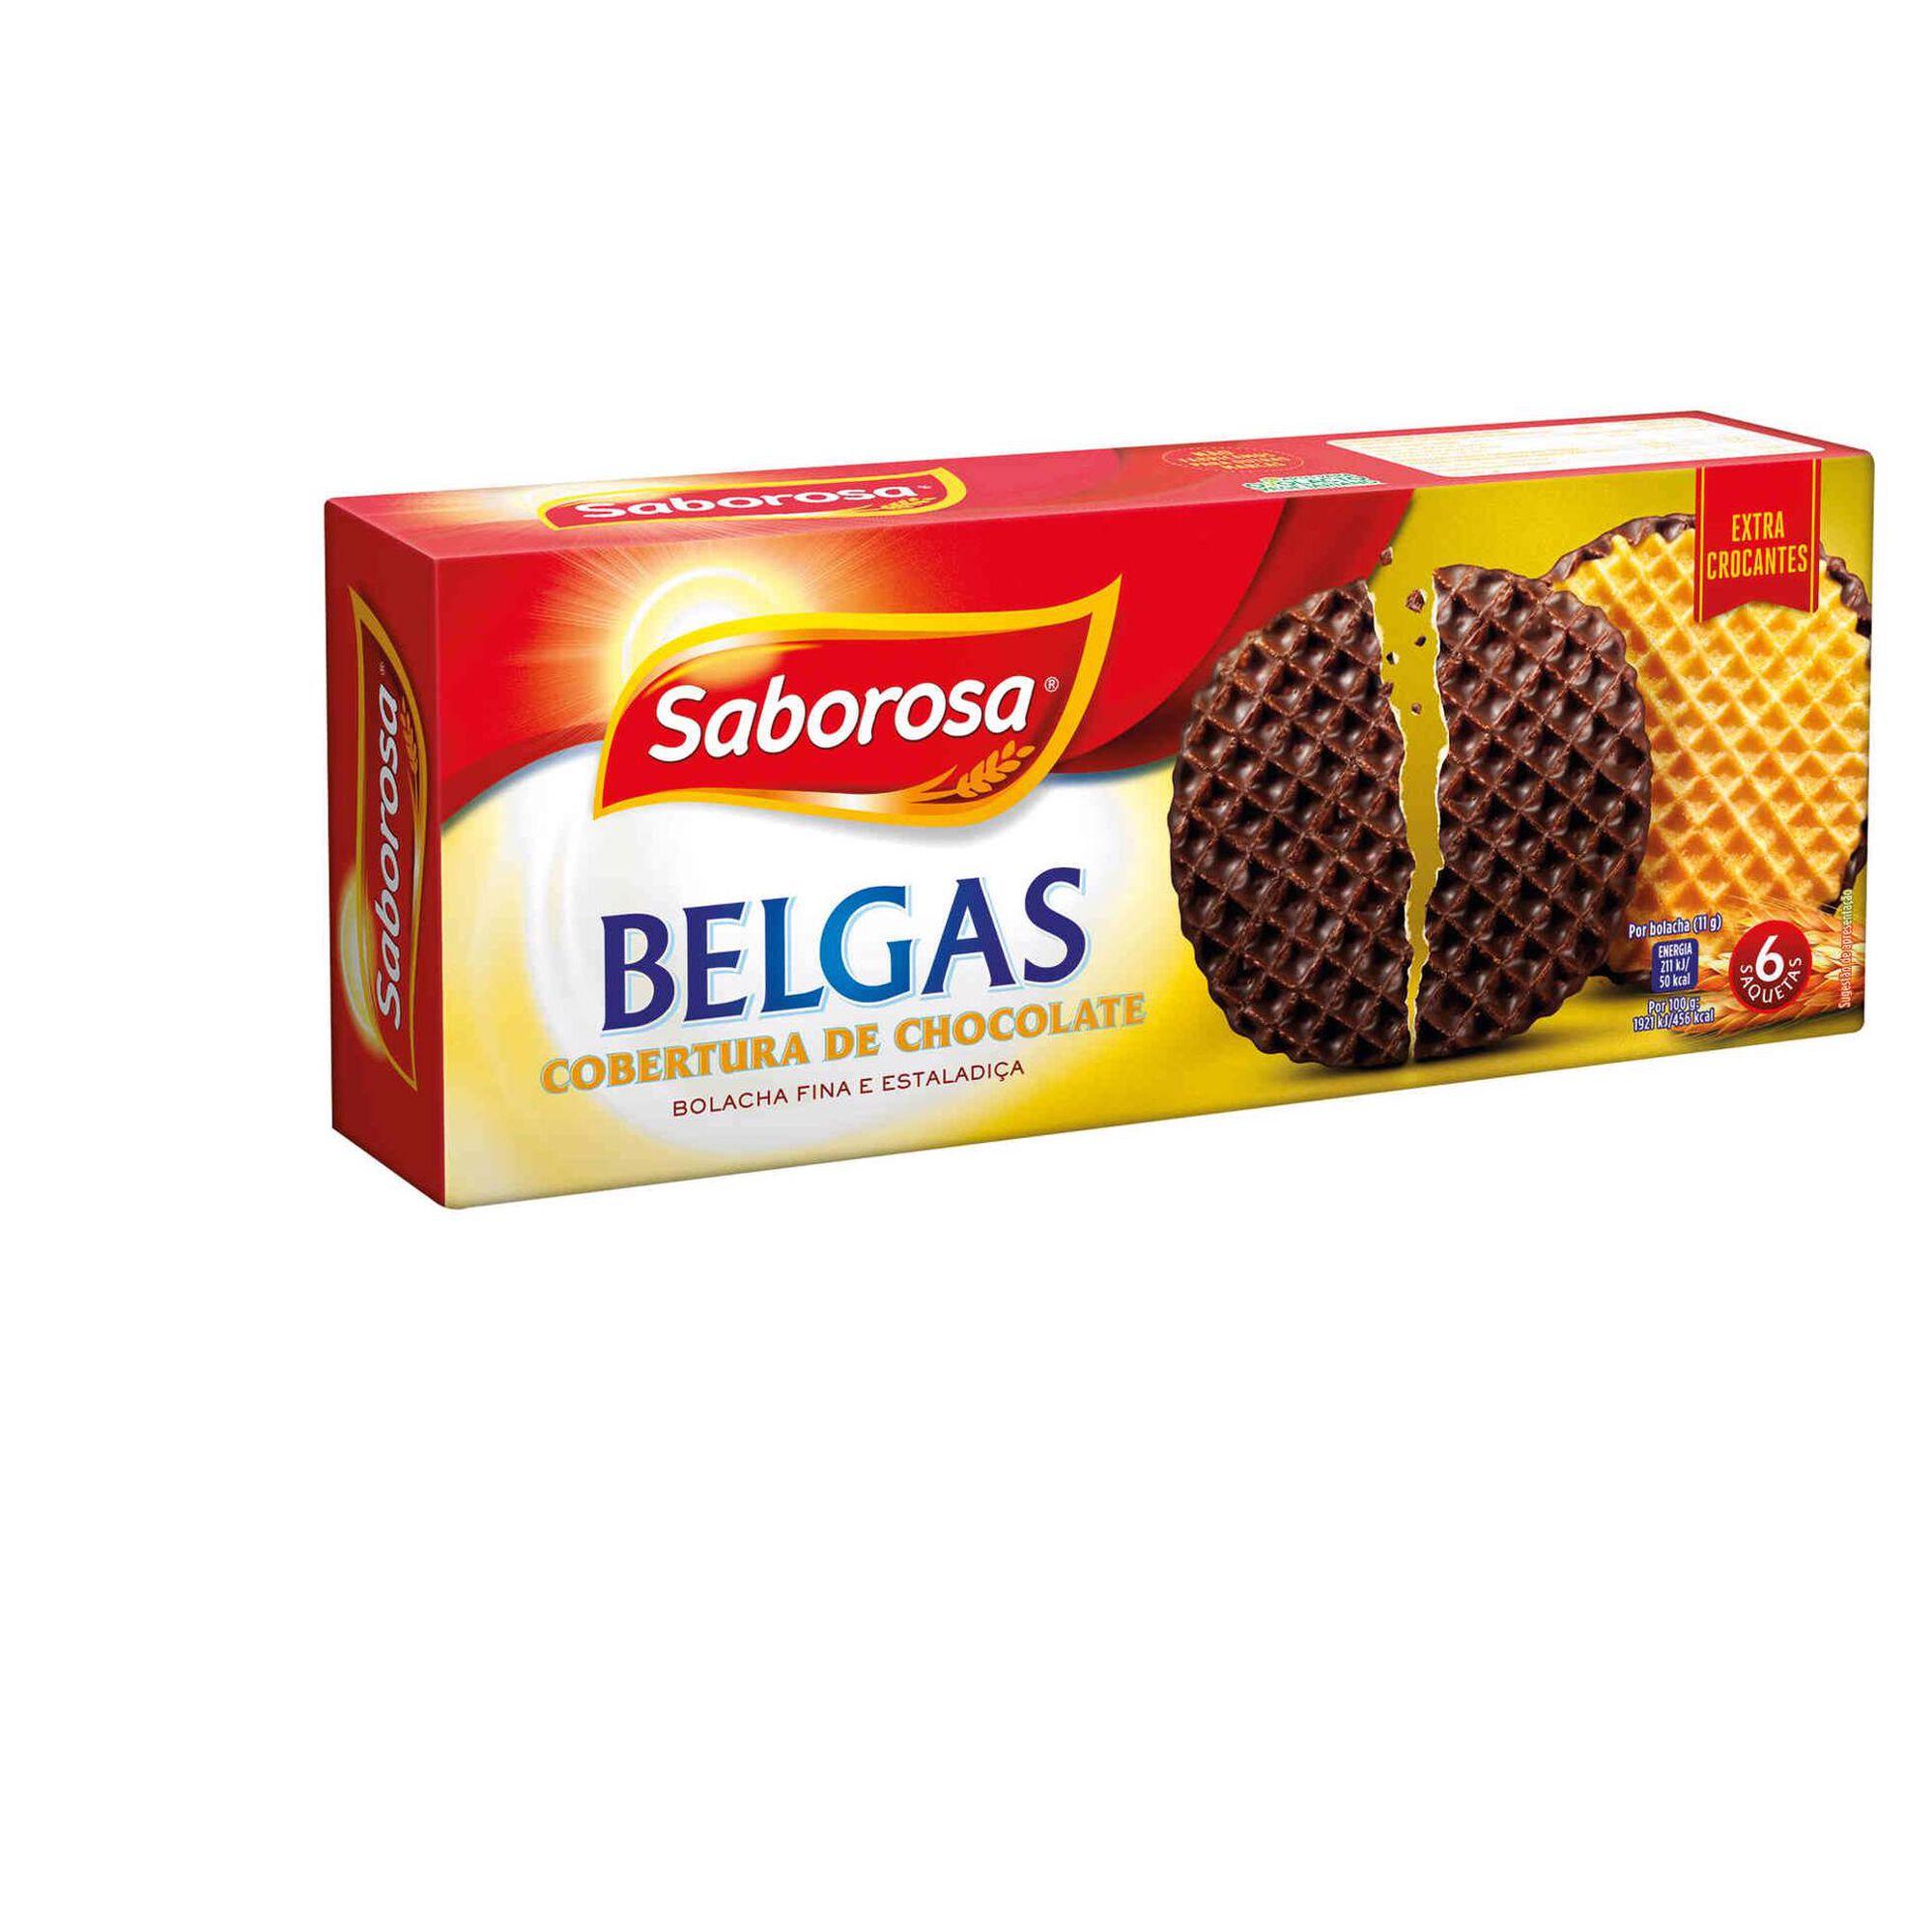 Bolachas Belgas Cobertas com Chocolate